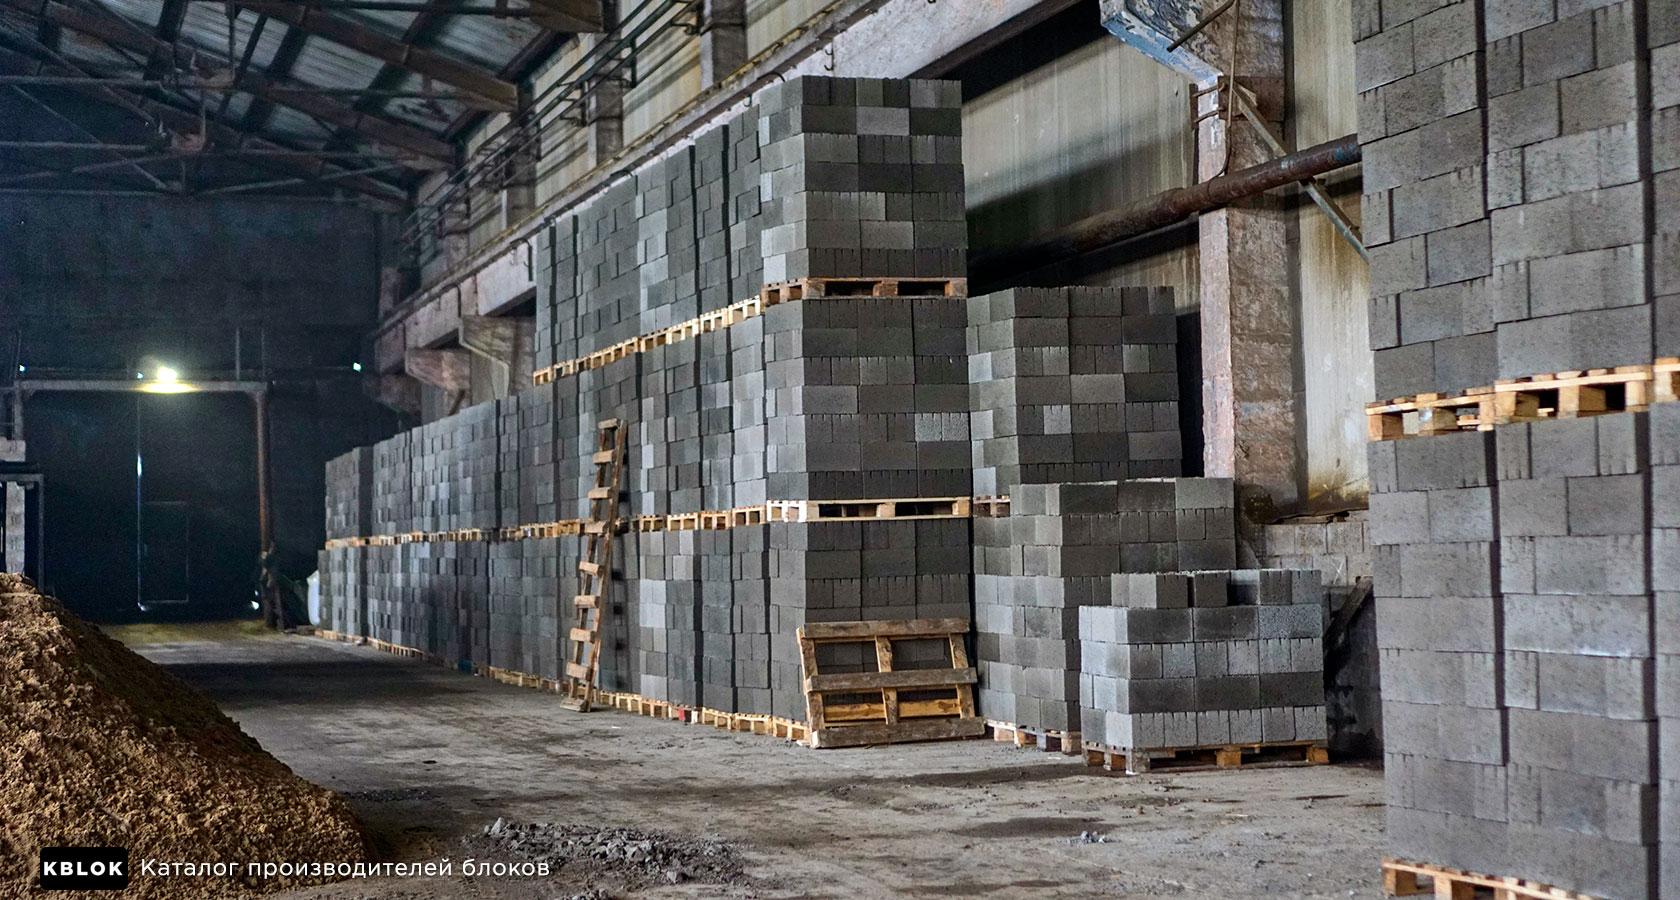 керамзитные блоки на складе компании